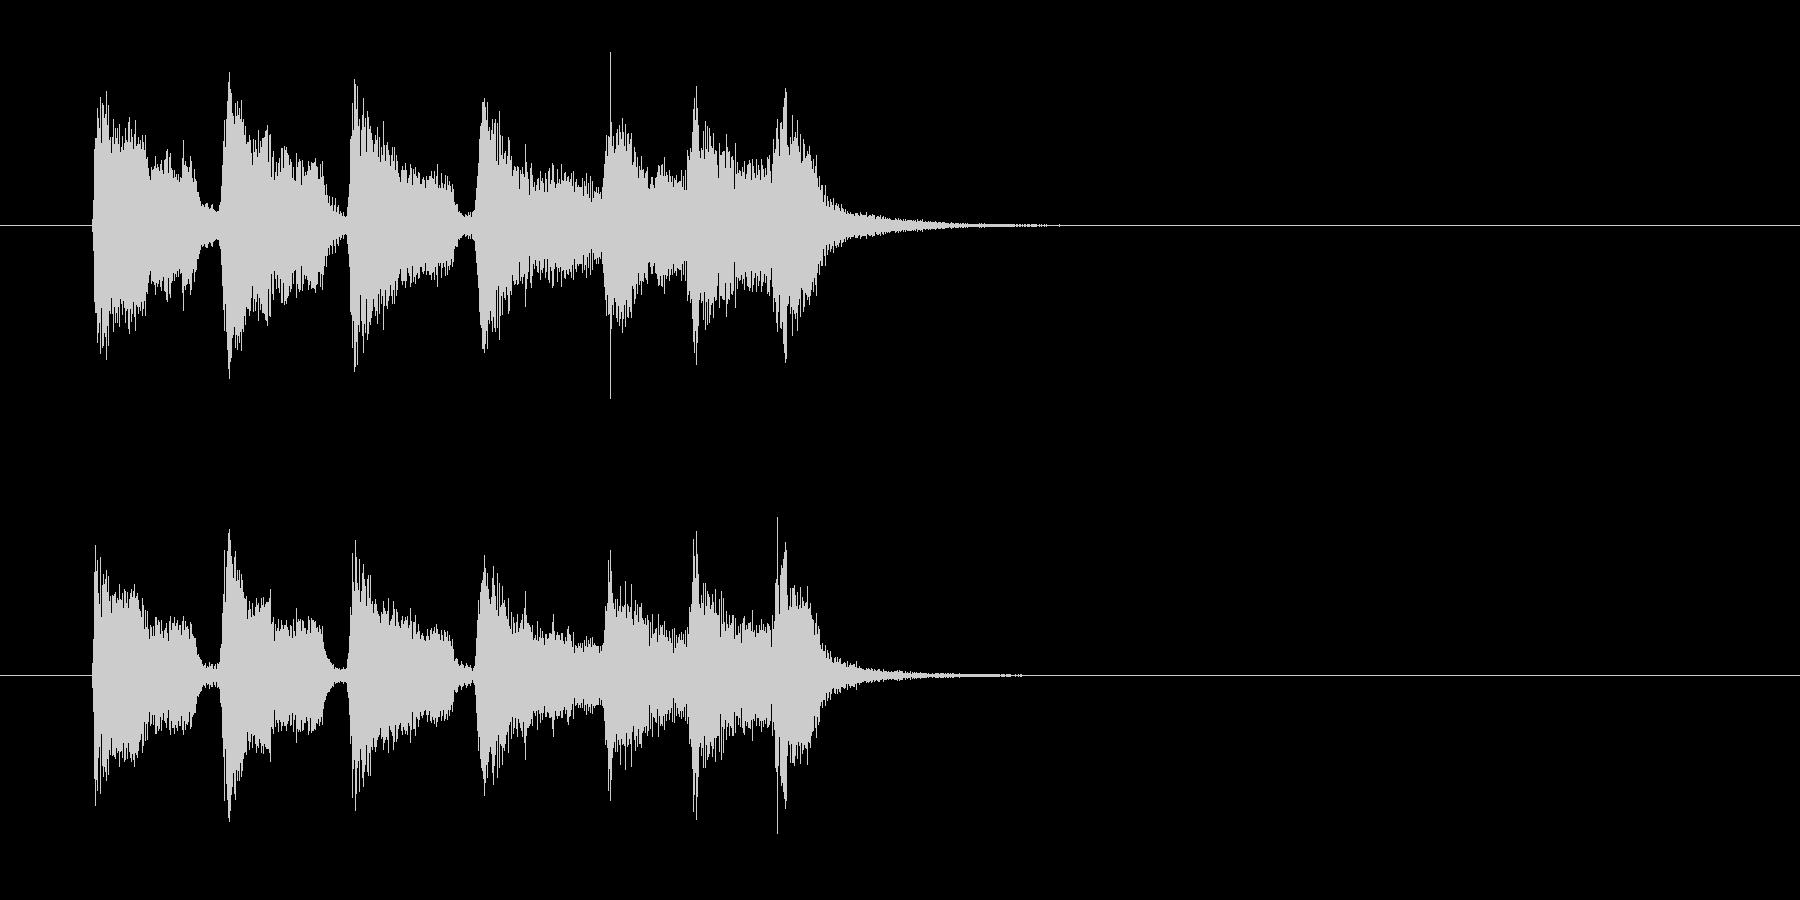 ジングル(ワールド・ミュージック風)の未再生の波形